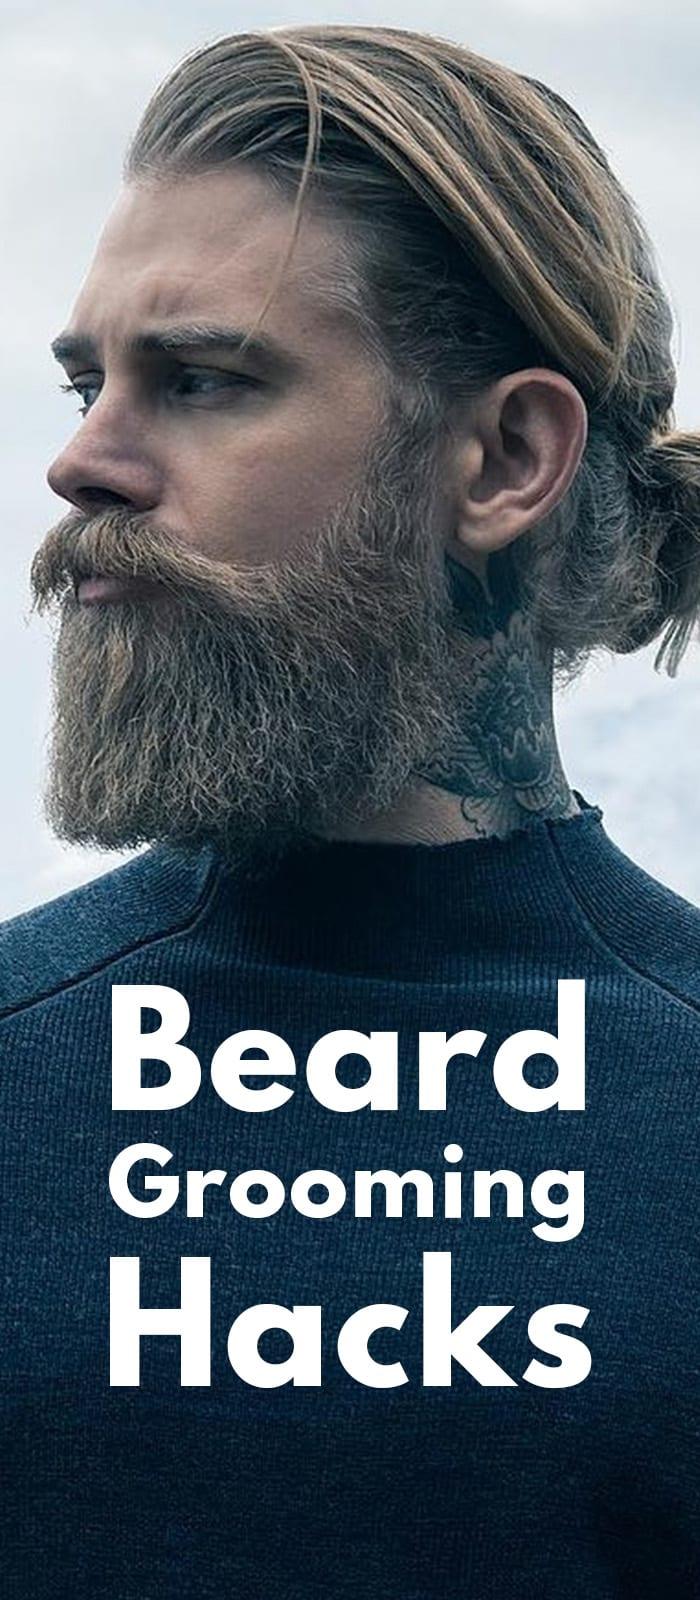 Beard Grooming Hacks